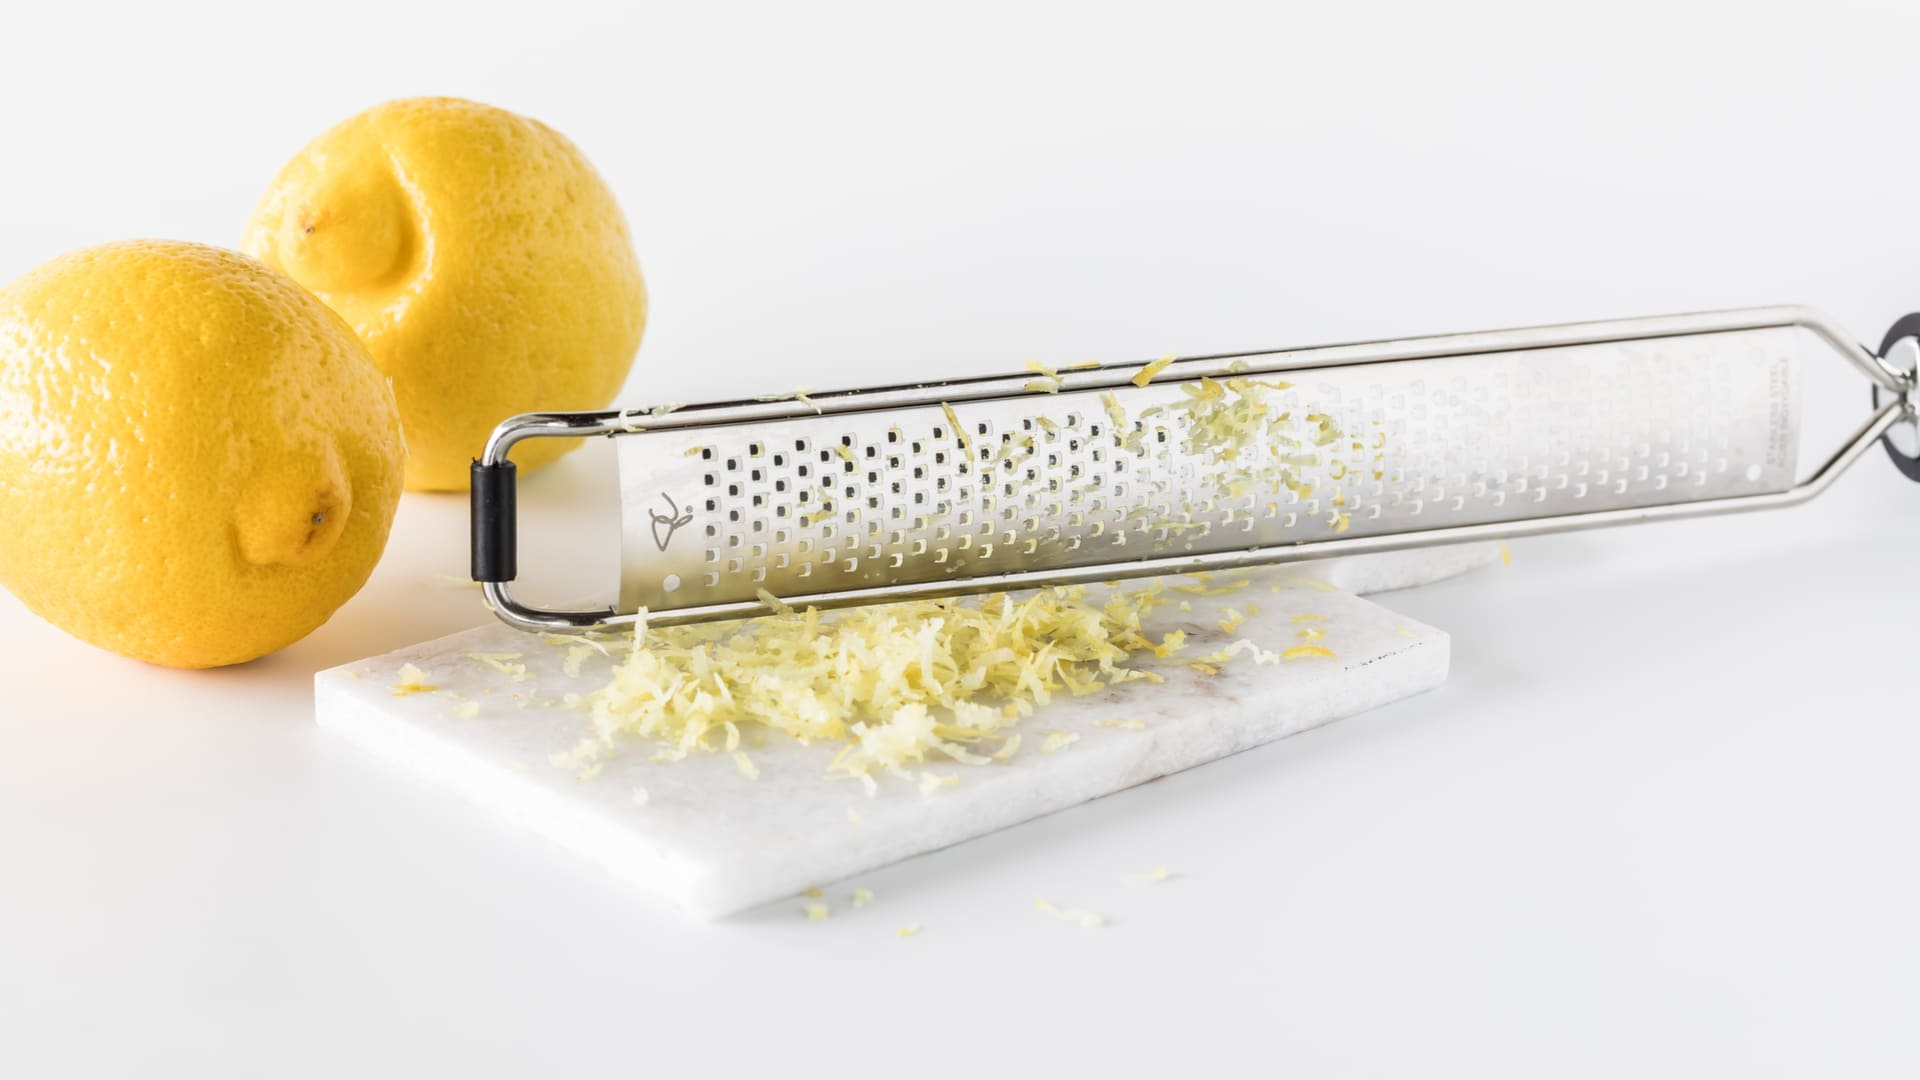 O ralador Microplane é ideal para finalizar pratos ou acrescentar raspas de frutas na comida. (Imagem: Reprodução/Shutterstock)